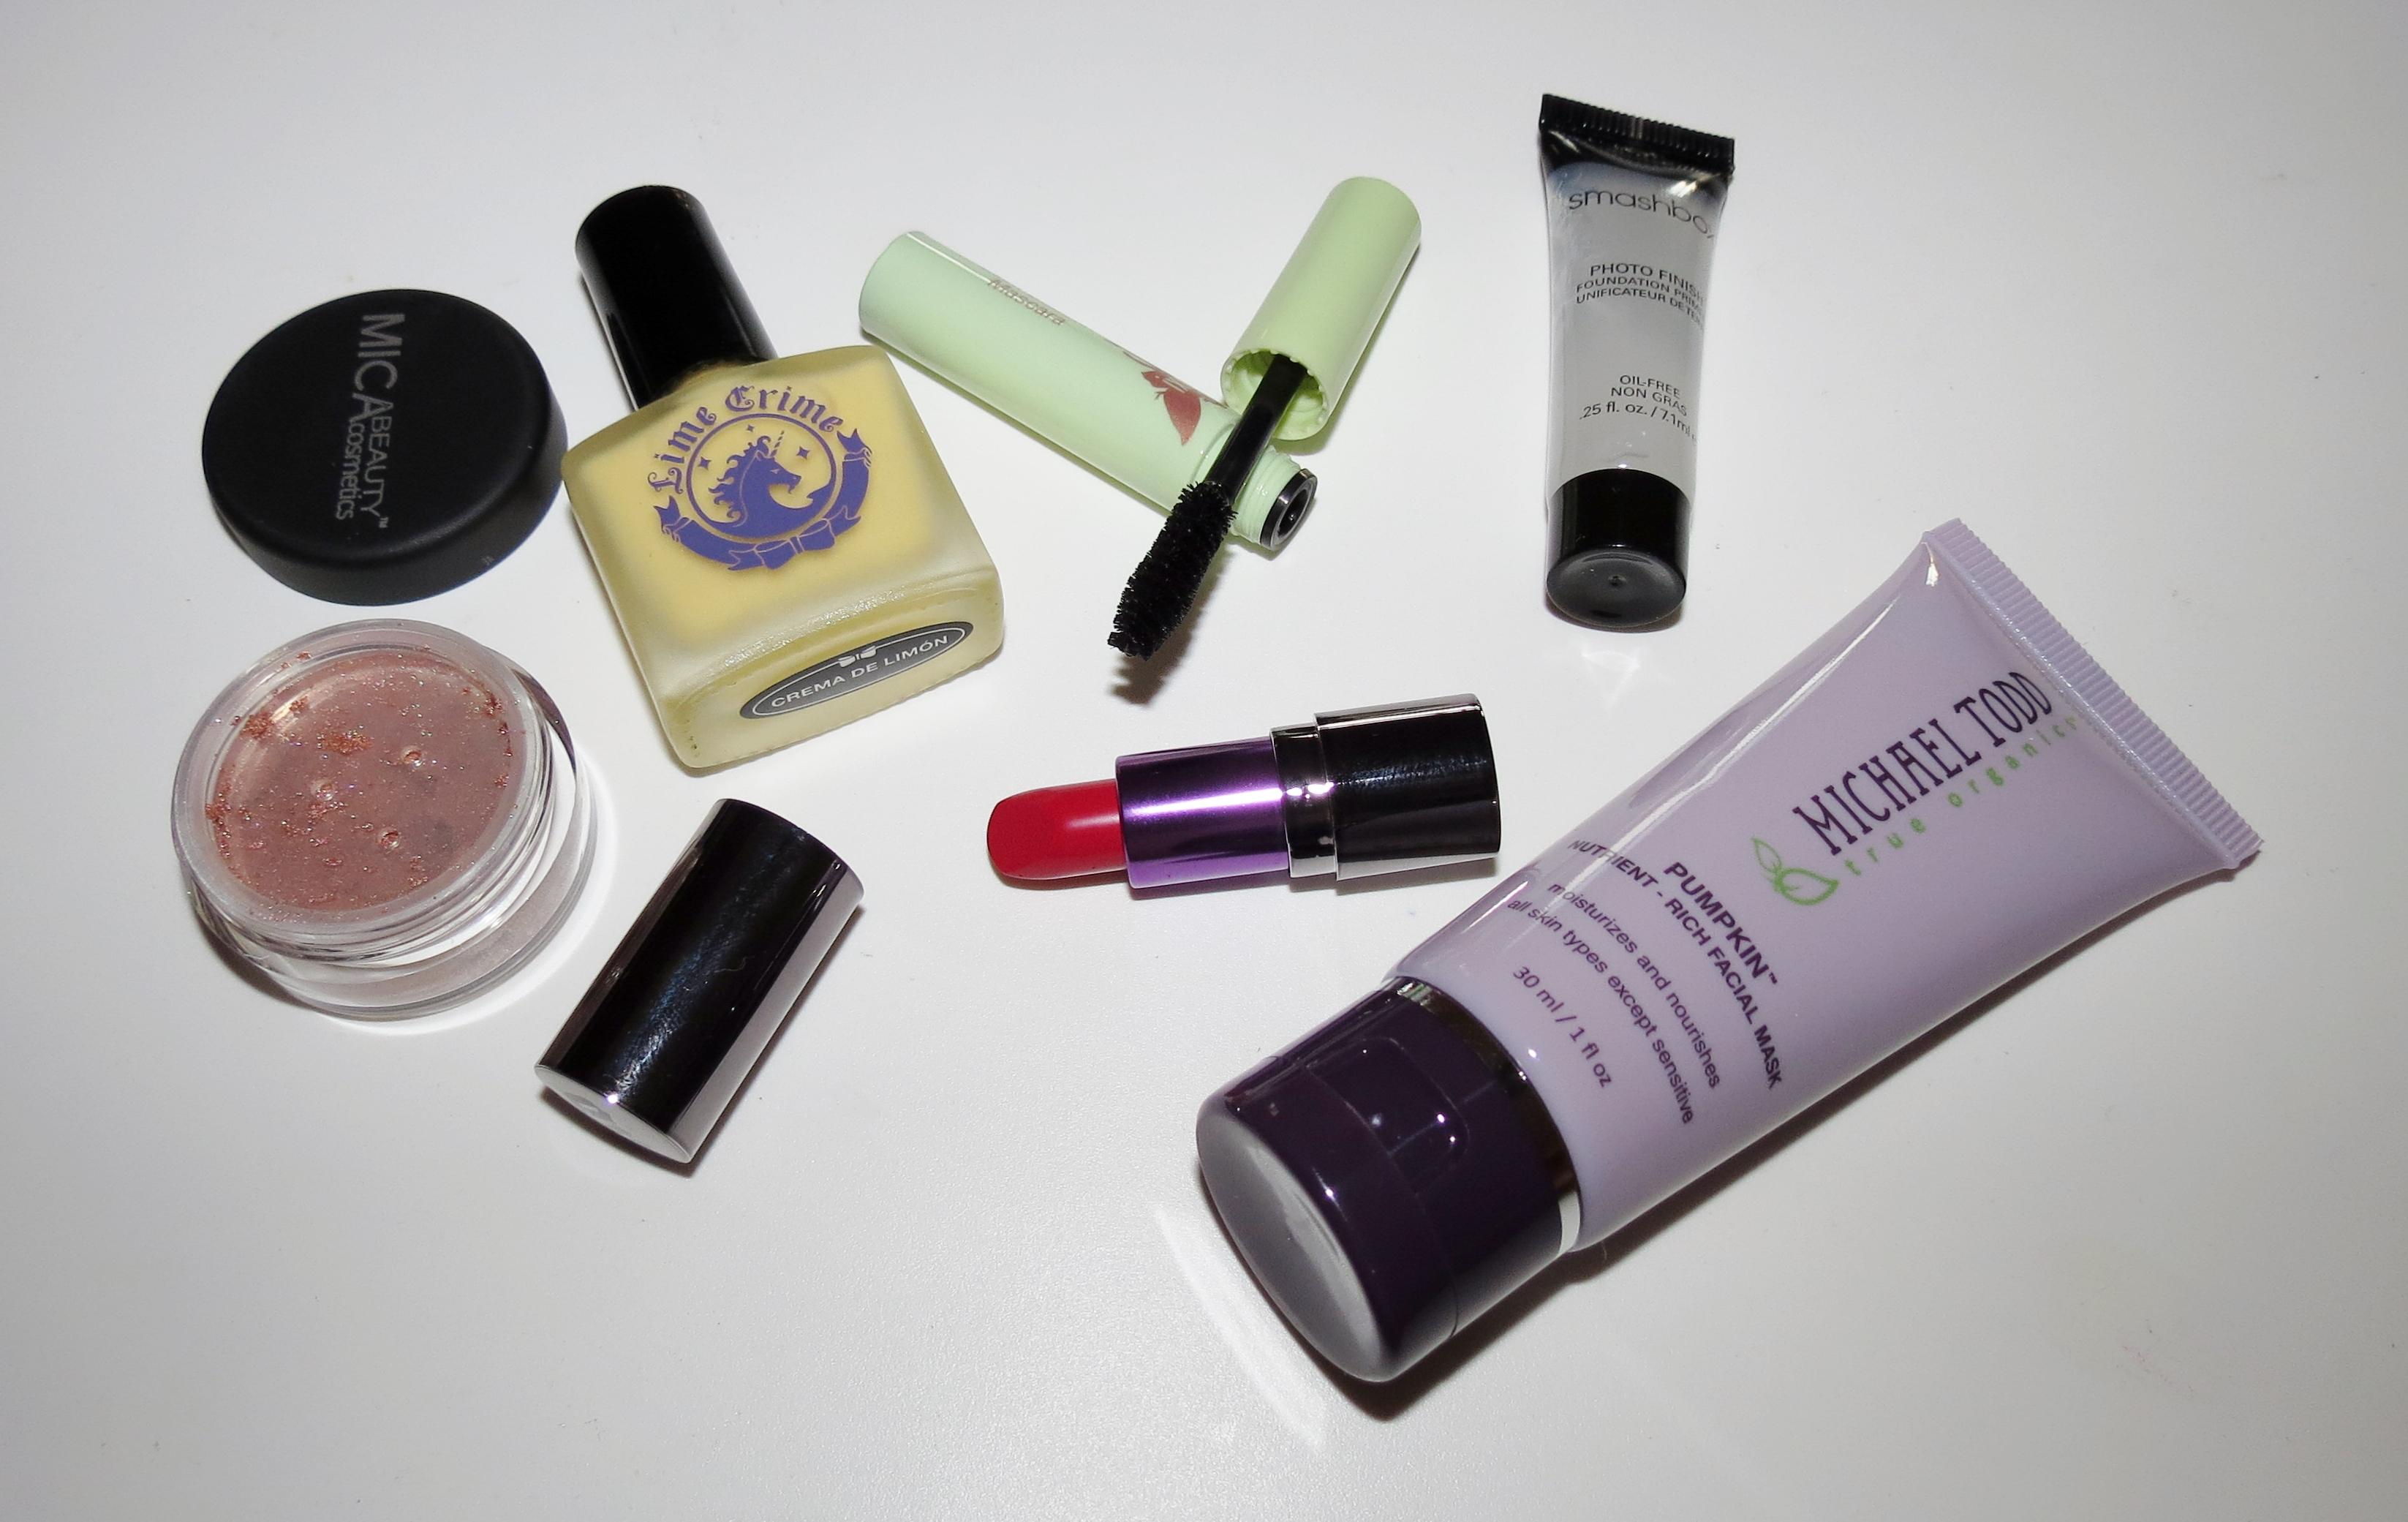 Makeup alley